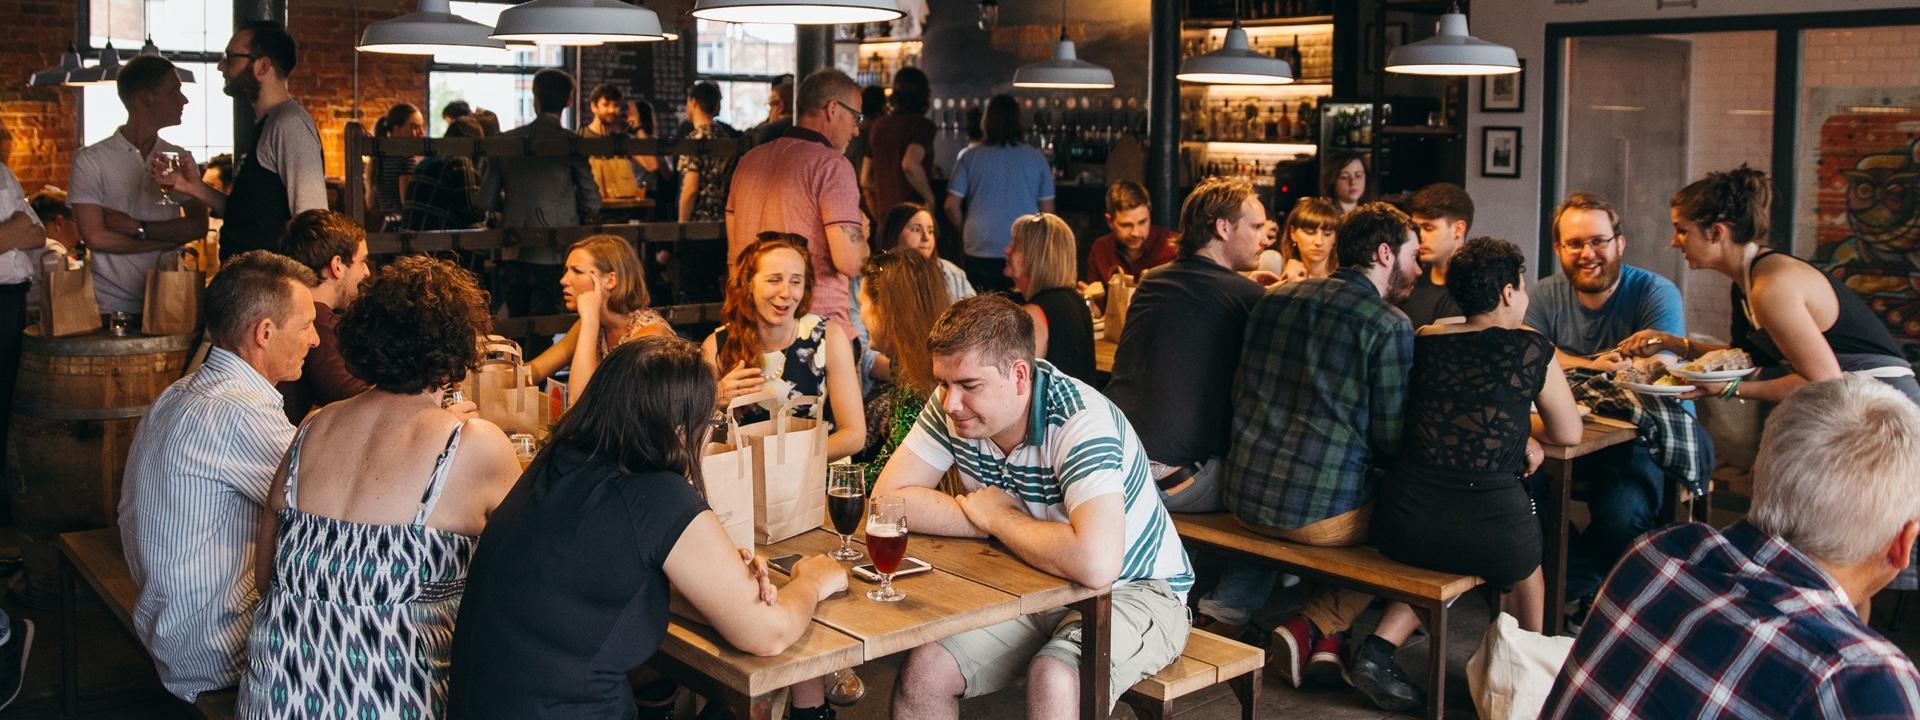 170330_Leeds_Indie_Food_Northern_Monk.jpg#asset:397002